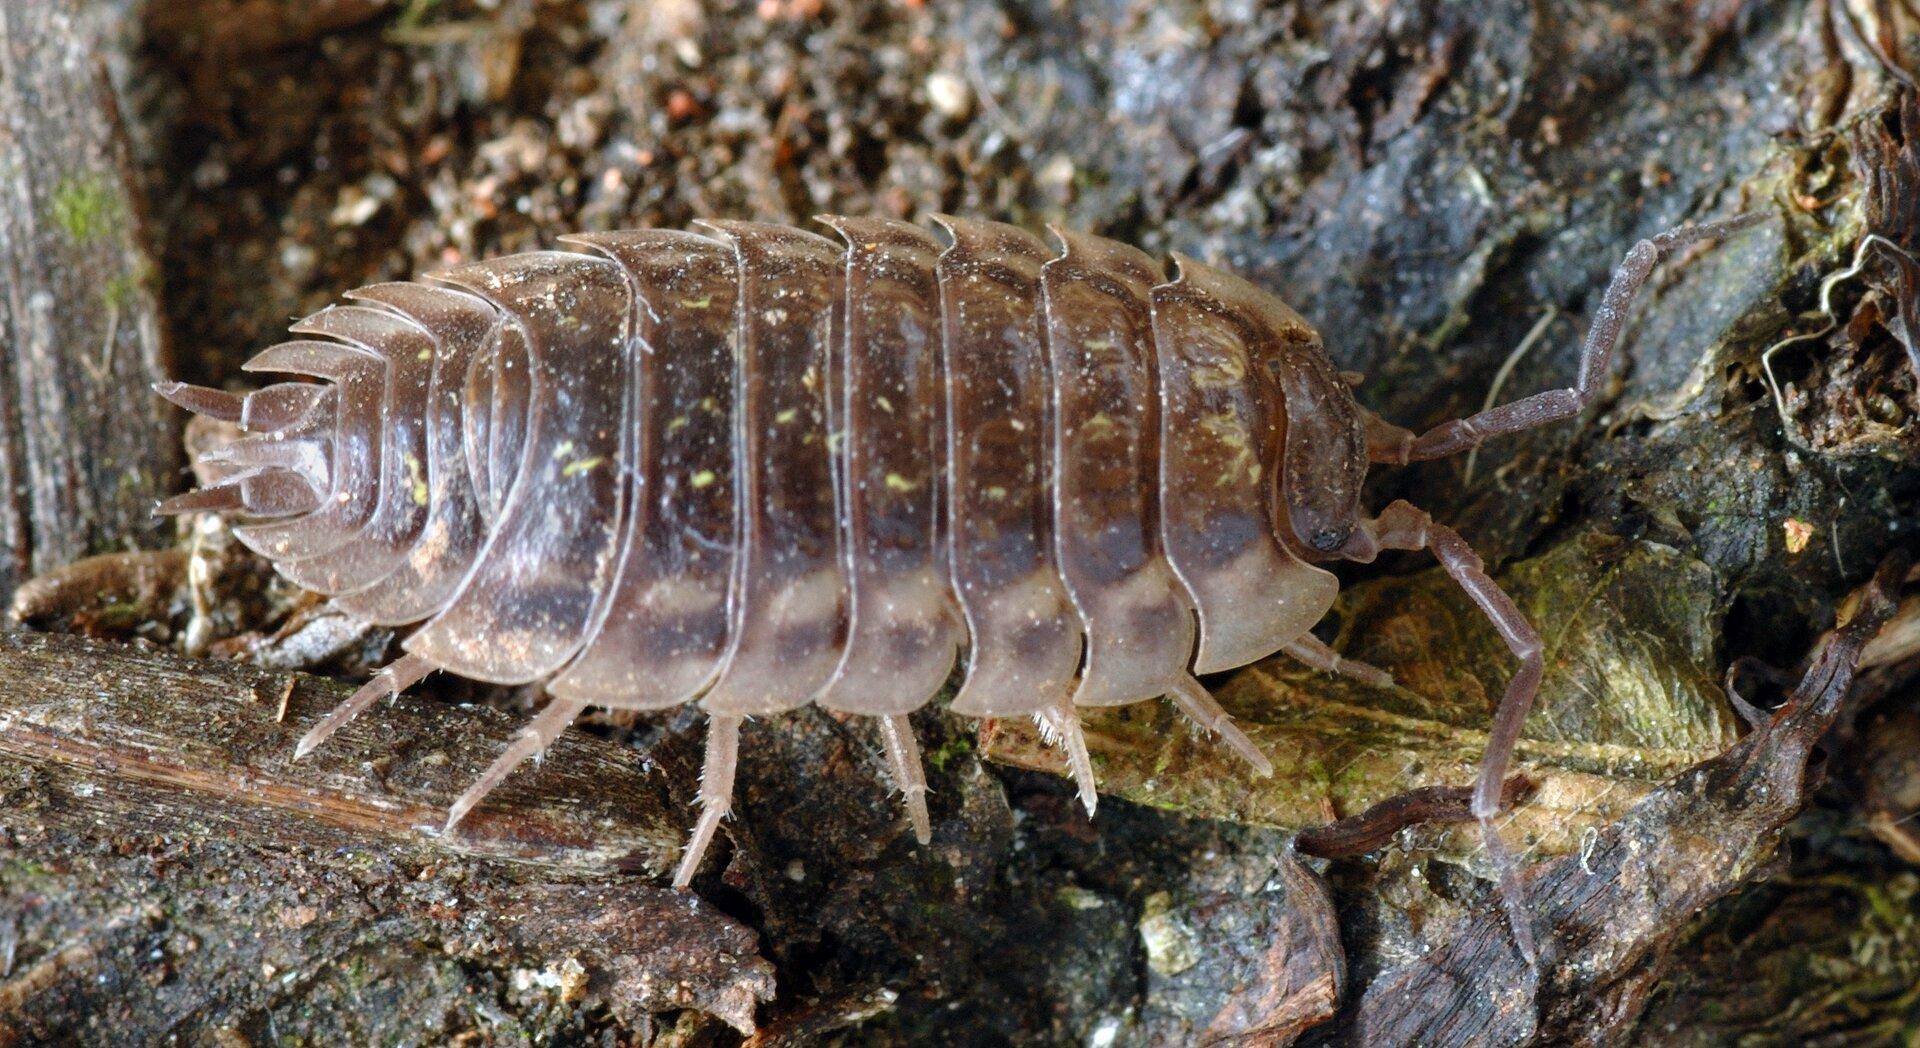 Fotografia wdużym zbliżeniu przedstawia zgóry szarobrązową stonogę. Zwierzę znajduje się na szczątkach drewna. Część głowowa zdługimi czułkami skierowana wprawo. Ciało owalne, zwyraźnymi, mniej więcej jednakowymi segmentami.